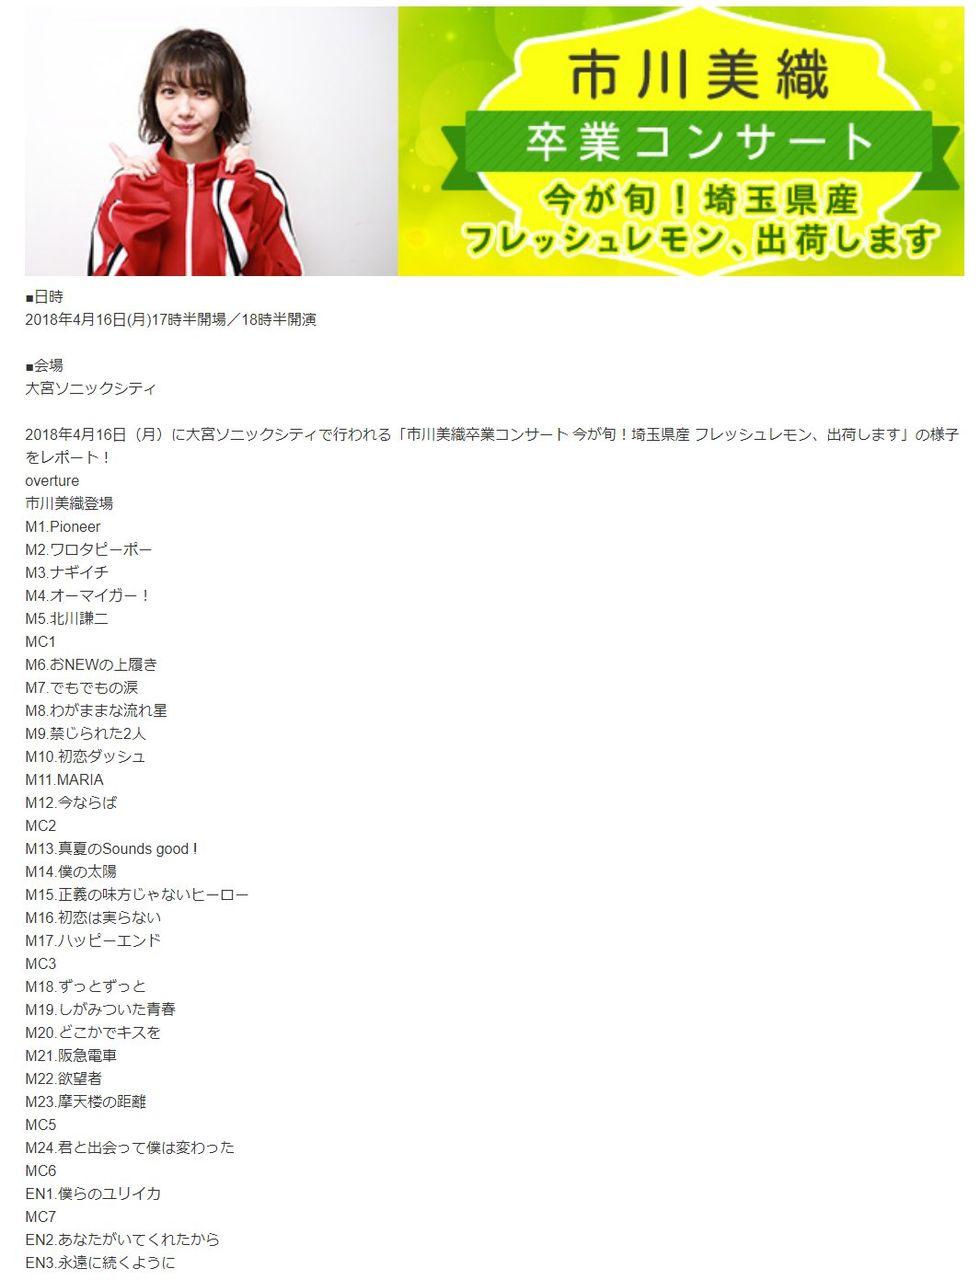 【NMB48】市川美織『卒業コンサートin大宮ソニックシティ』セットリスト・画像など※随時更新